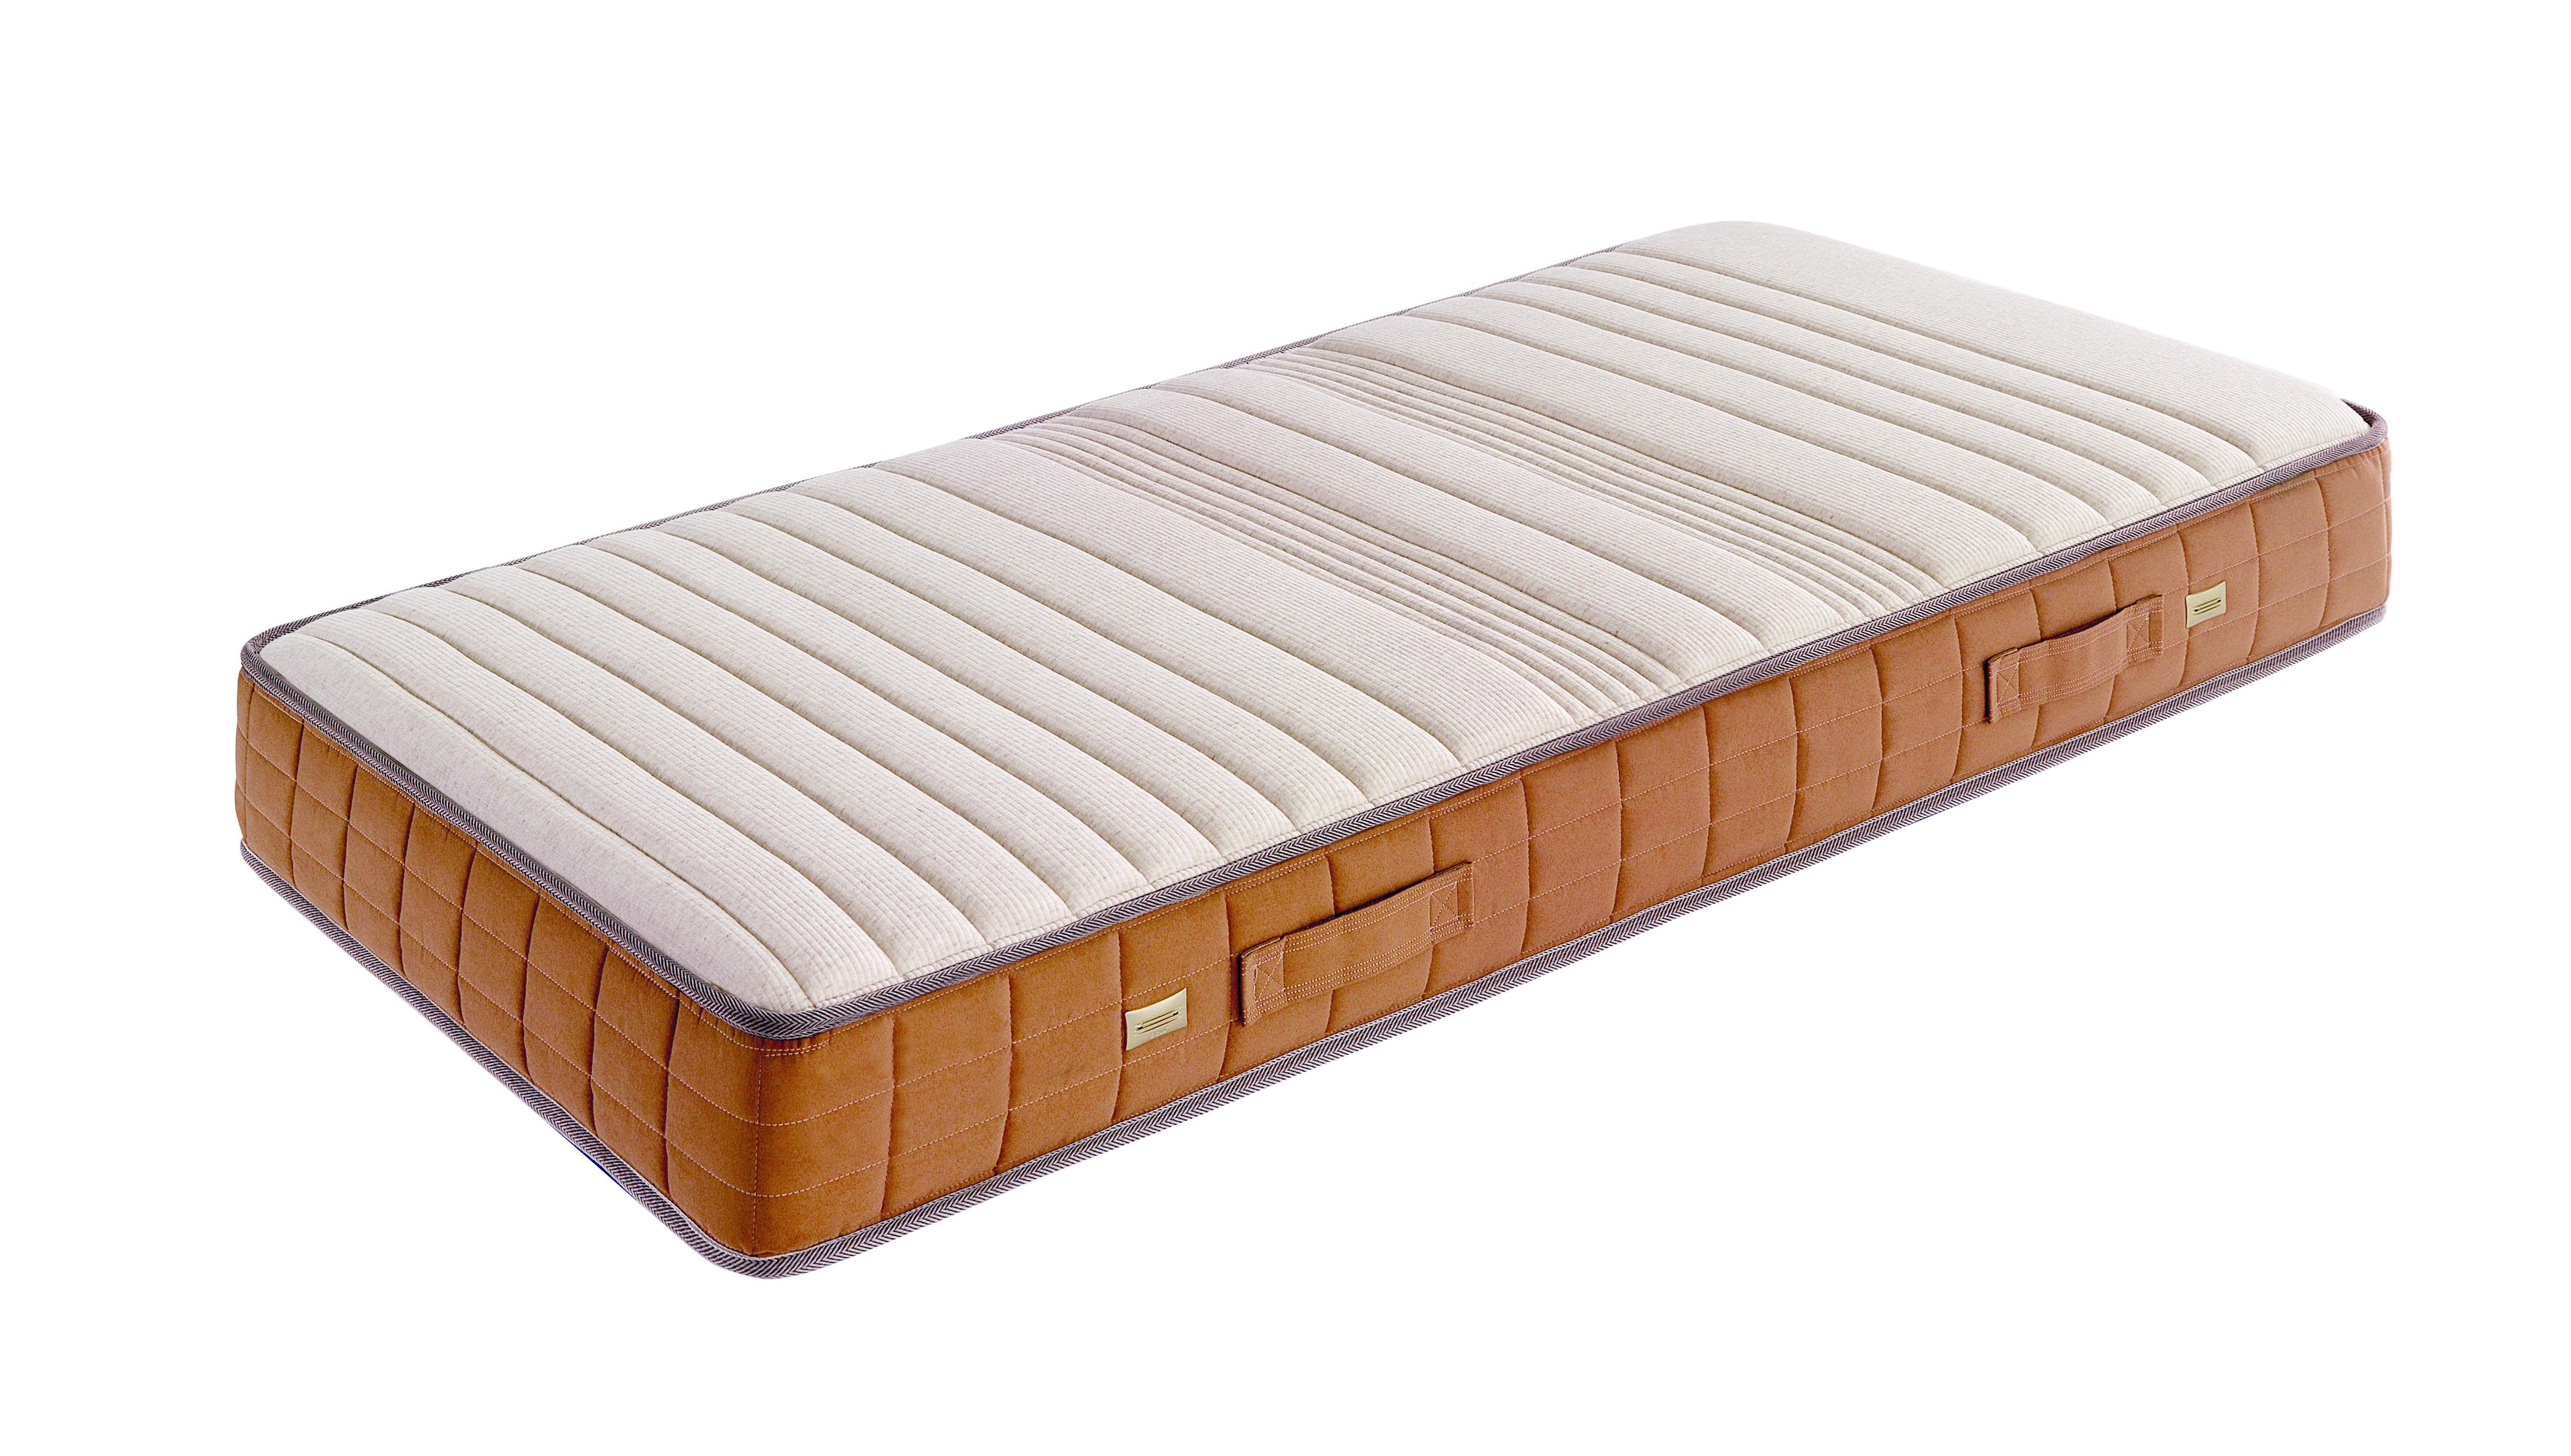 El colchón de niño multietapa al mejor precio. A lo largo de la niñez el desarrollo del niño exige que la zona lumbar y espalda queden protegidas.